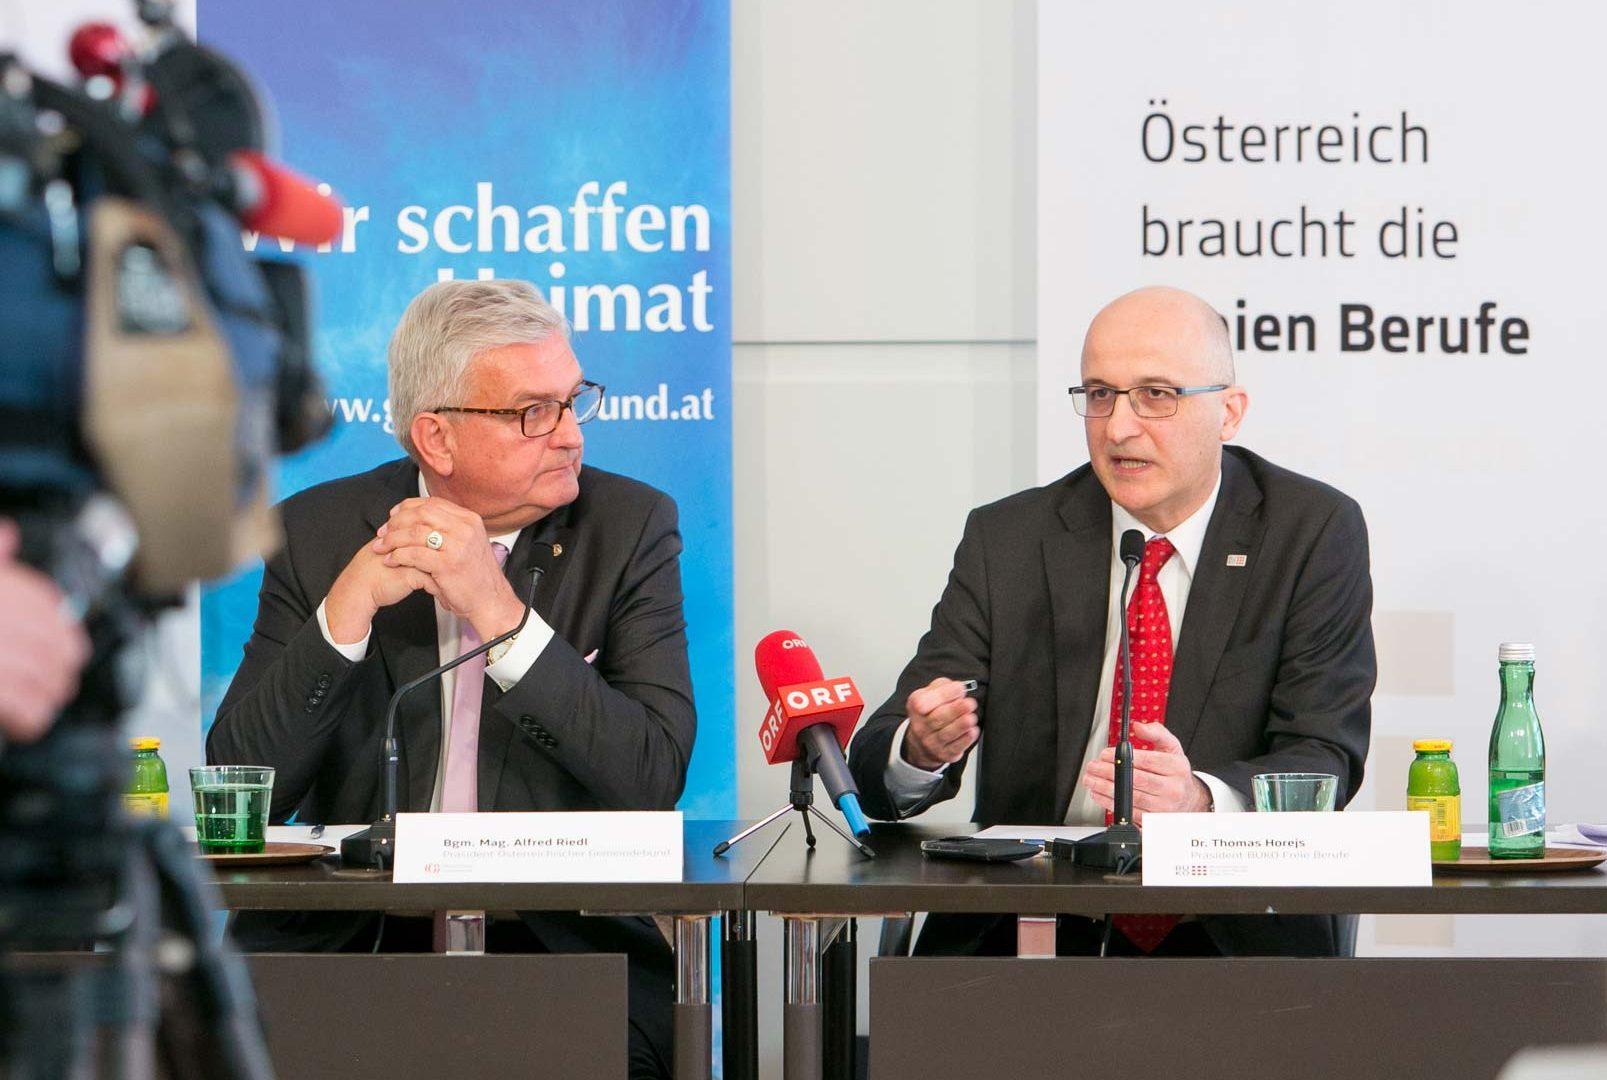 Gemeindebund-Chef Alfred Riedl und BUKO Präsident Thomas Horejs präsentierten die Ergebnisse einer gemeinsam durchgeführten Umfrage. ©Martina Draper